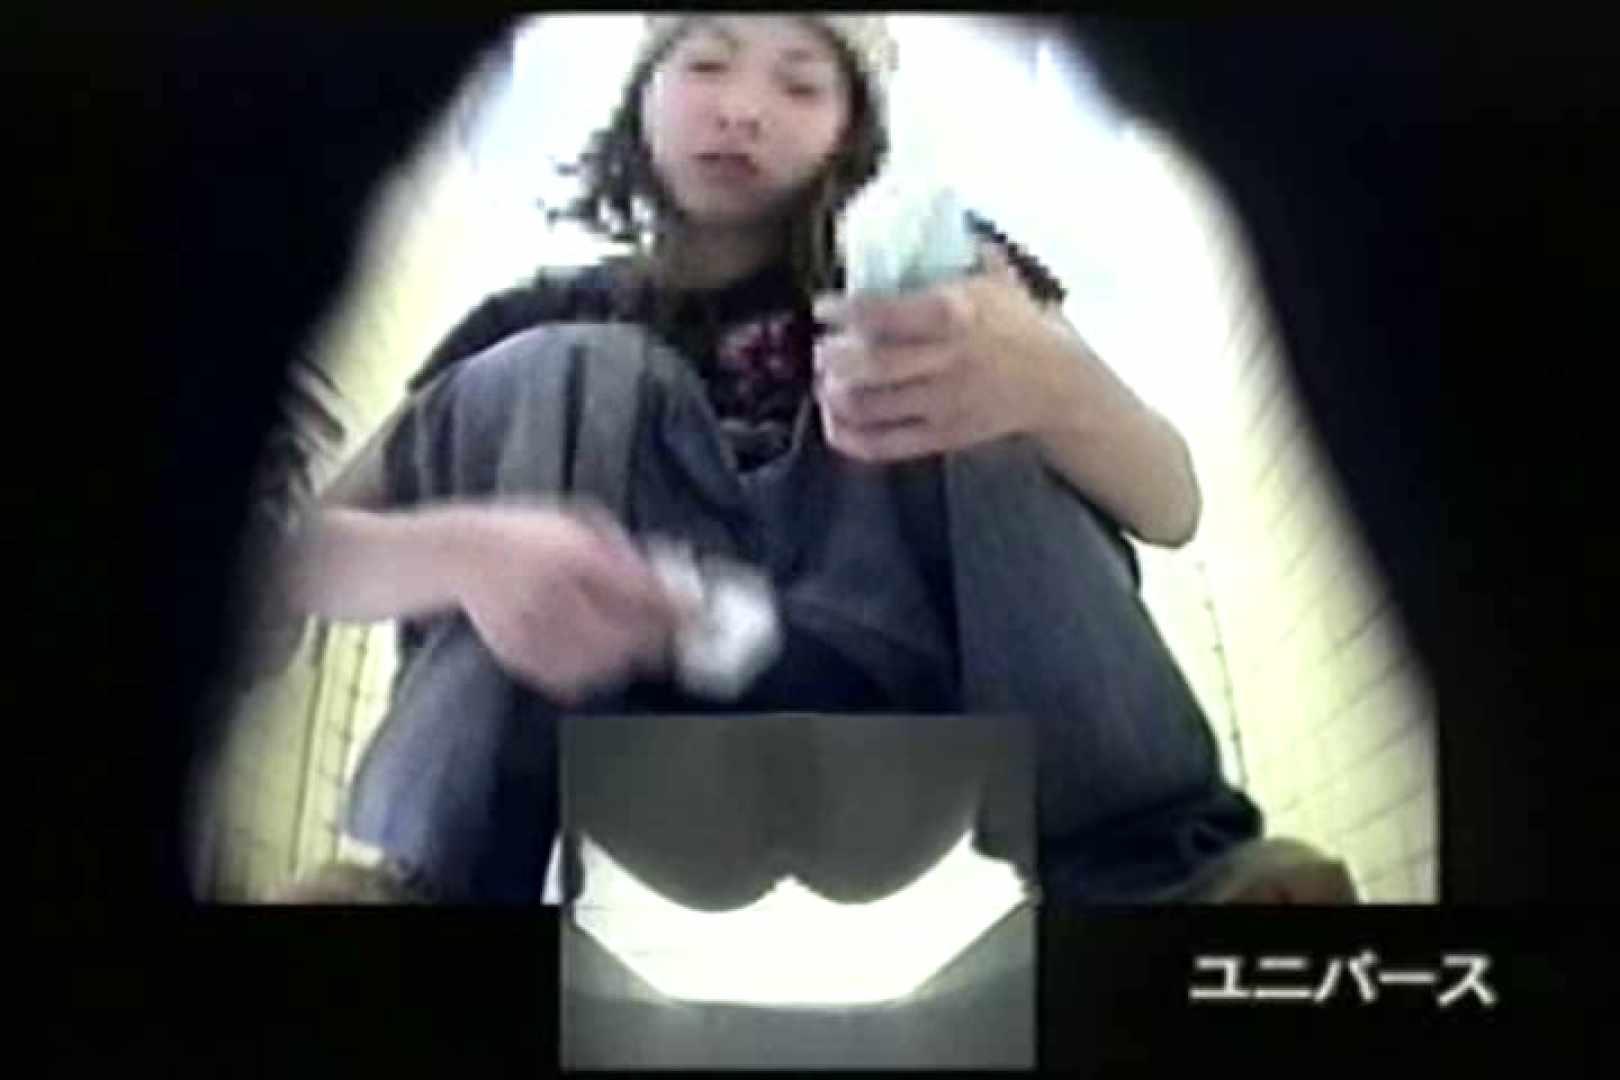 下半身シースルー洗面所Vol.2 美女ヌード天国 盗み撮り動画キャプチャ 69PIX 43